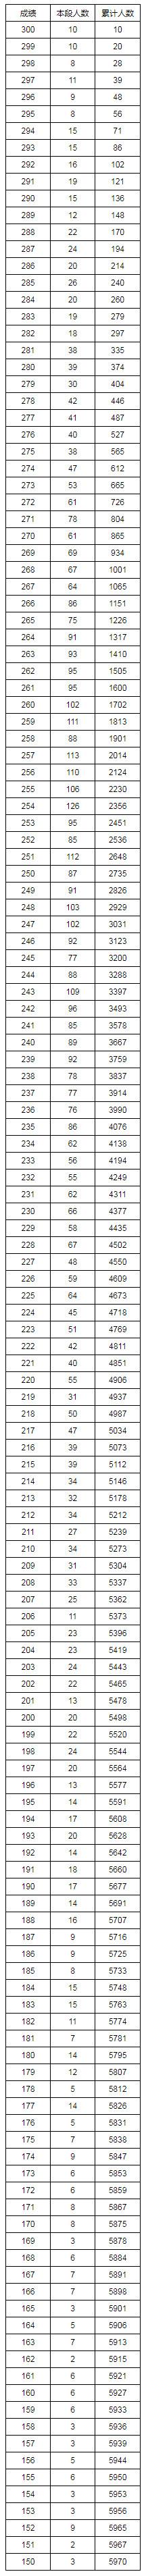 湖南省2019年文科体育类专业统考成绩1分段统计表